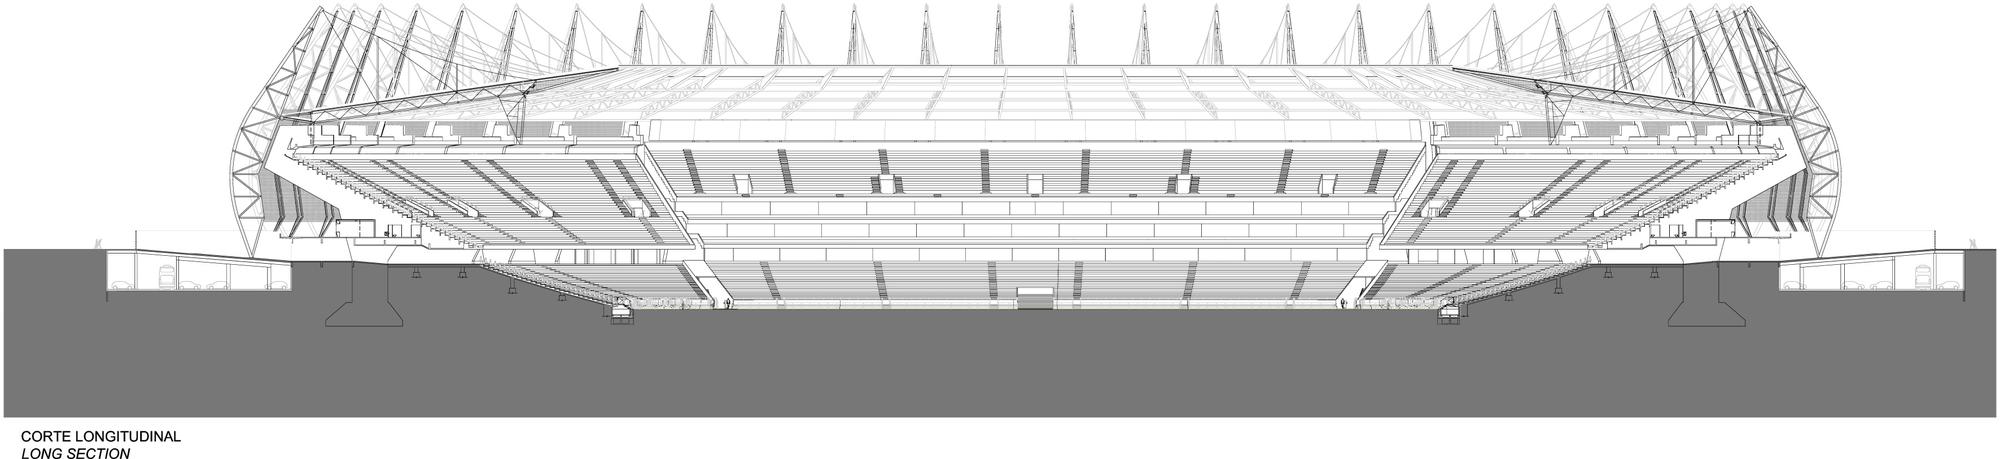 Arena Castelão / Vigliecca&Associados. Corte Longitudinal